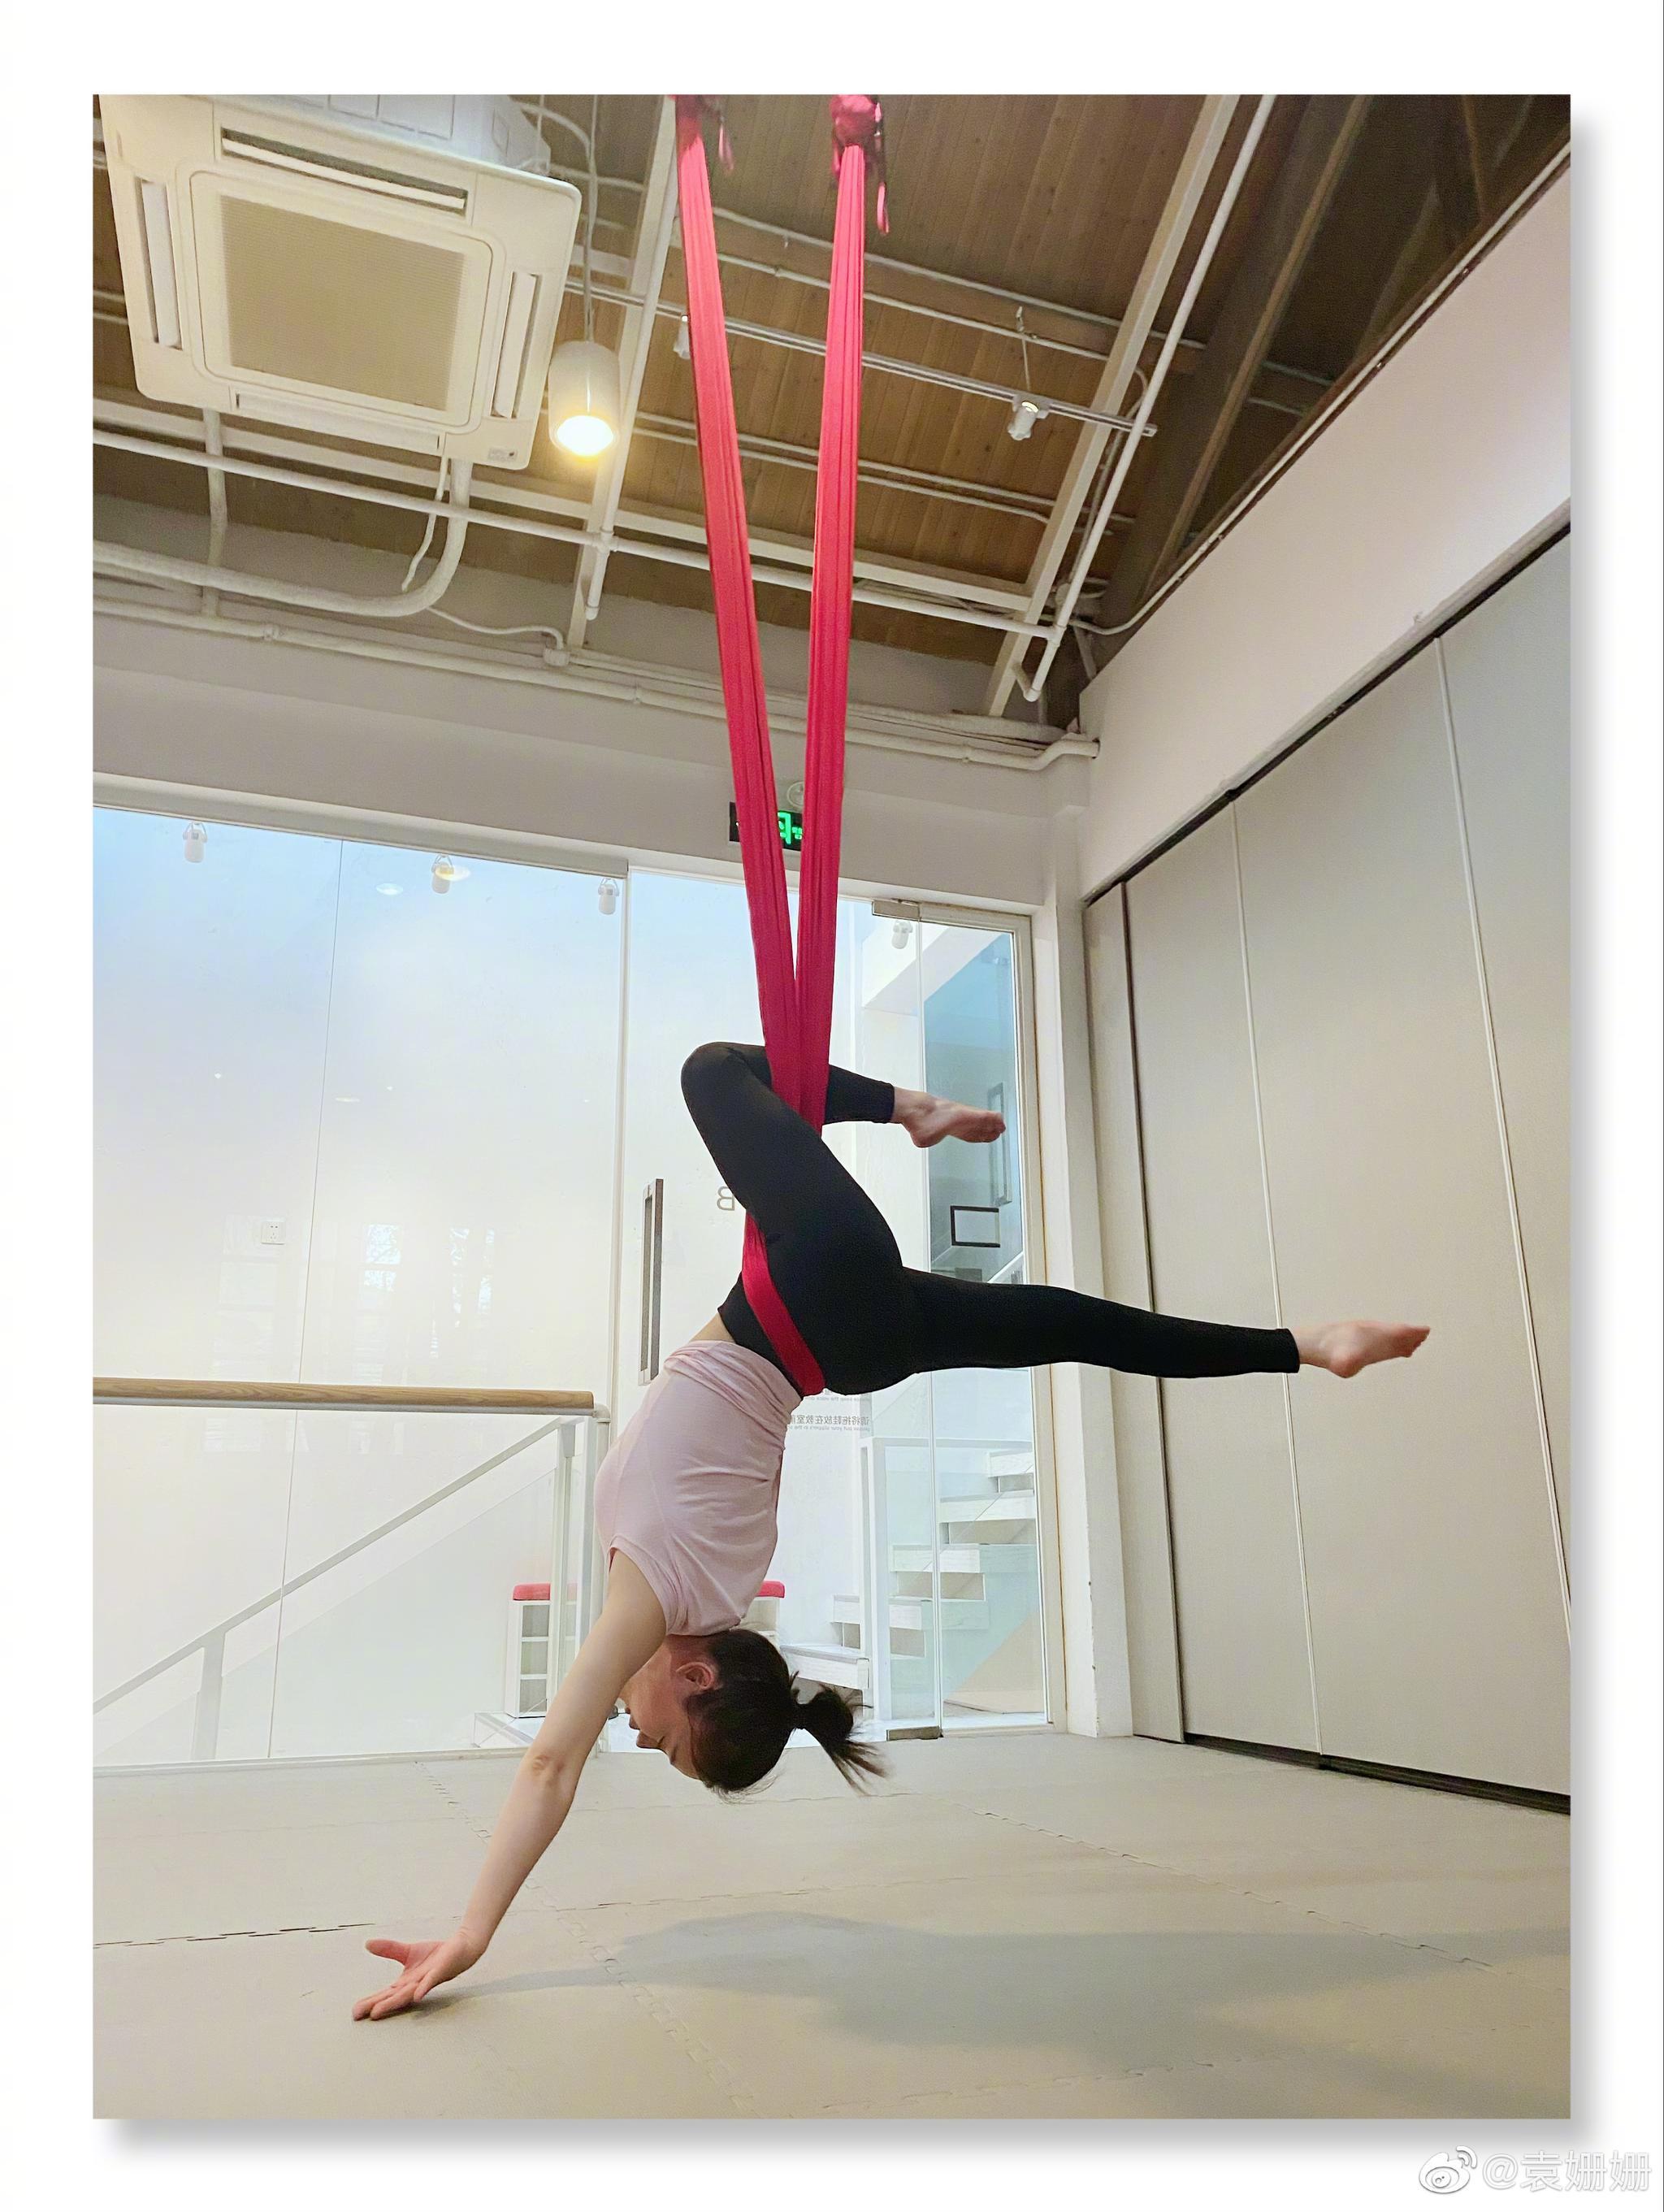 袁姗姗再次分享练习空中瑜伽的照片,A4腰女神又要引领新风潮了吗?